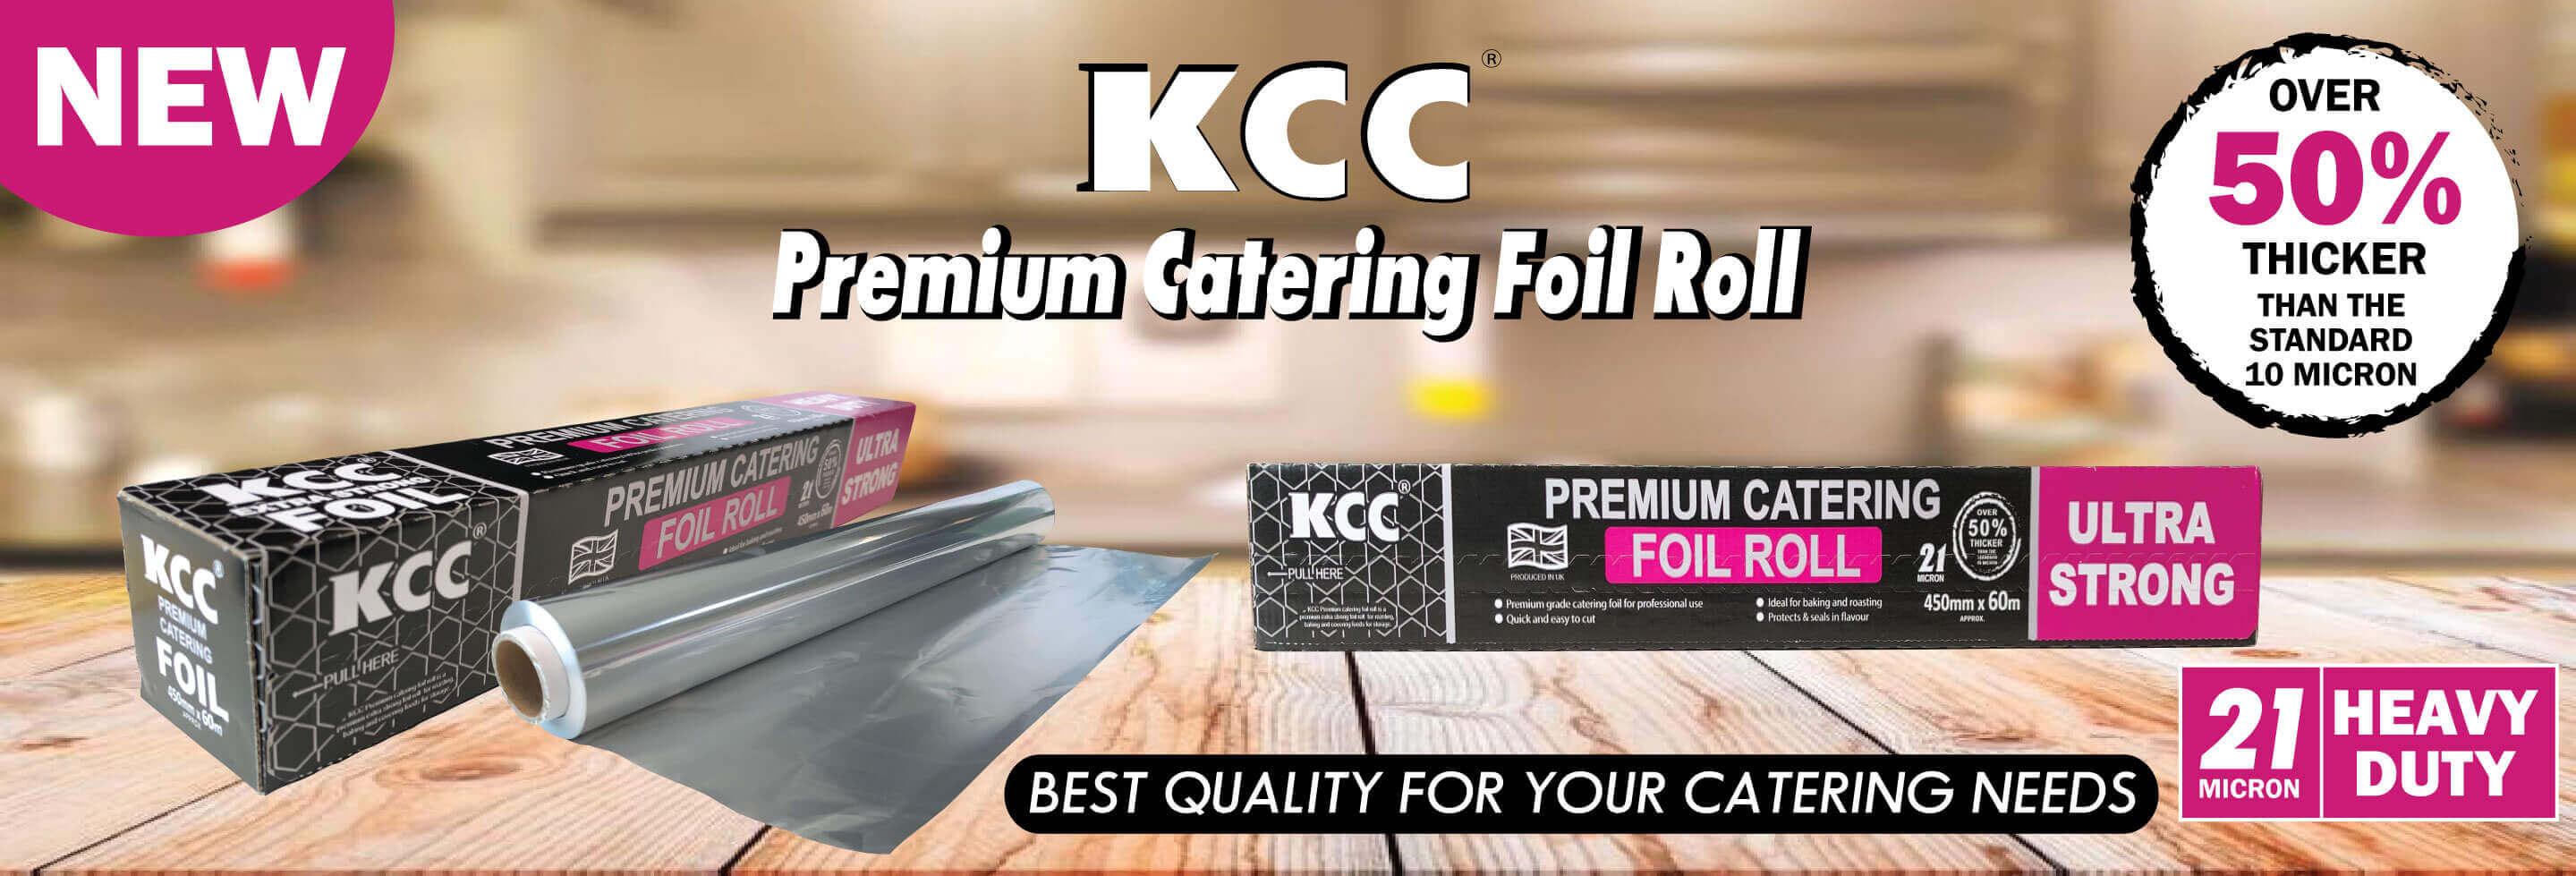 KCC Foil Roll